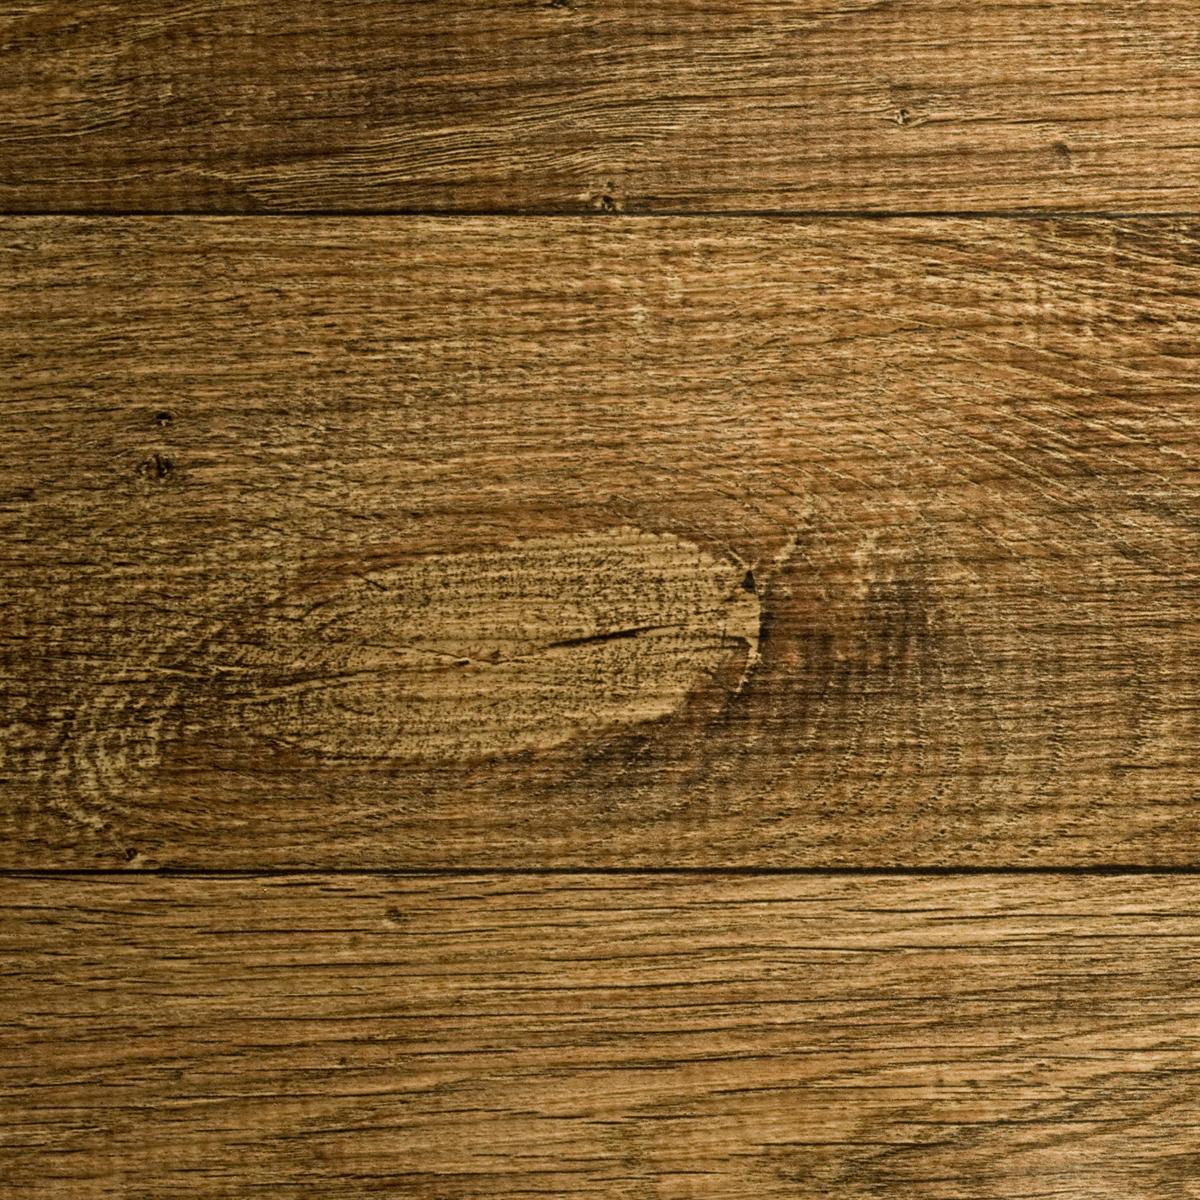 MDF WESTERN MASISA O Bicho Carpinteiro – Tudo em artigos para  #452D0D 1200x1200